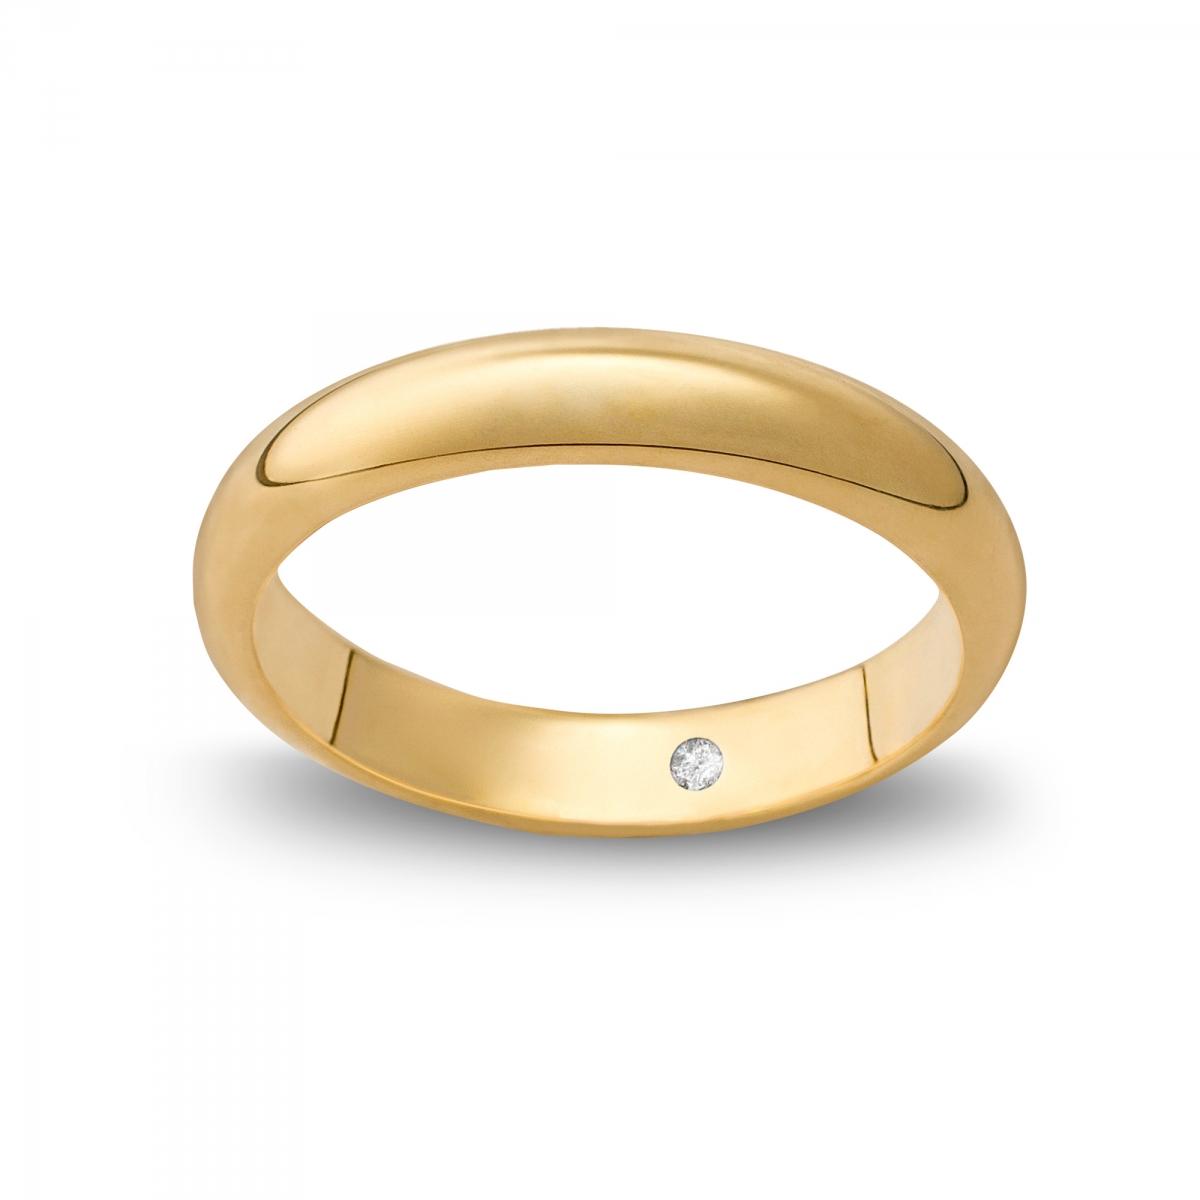 Marli Fede classique alta in oro Giallopuro®